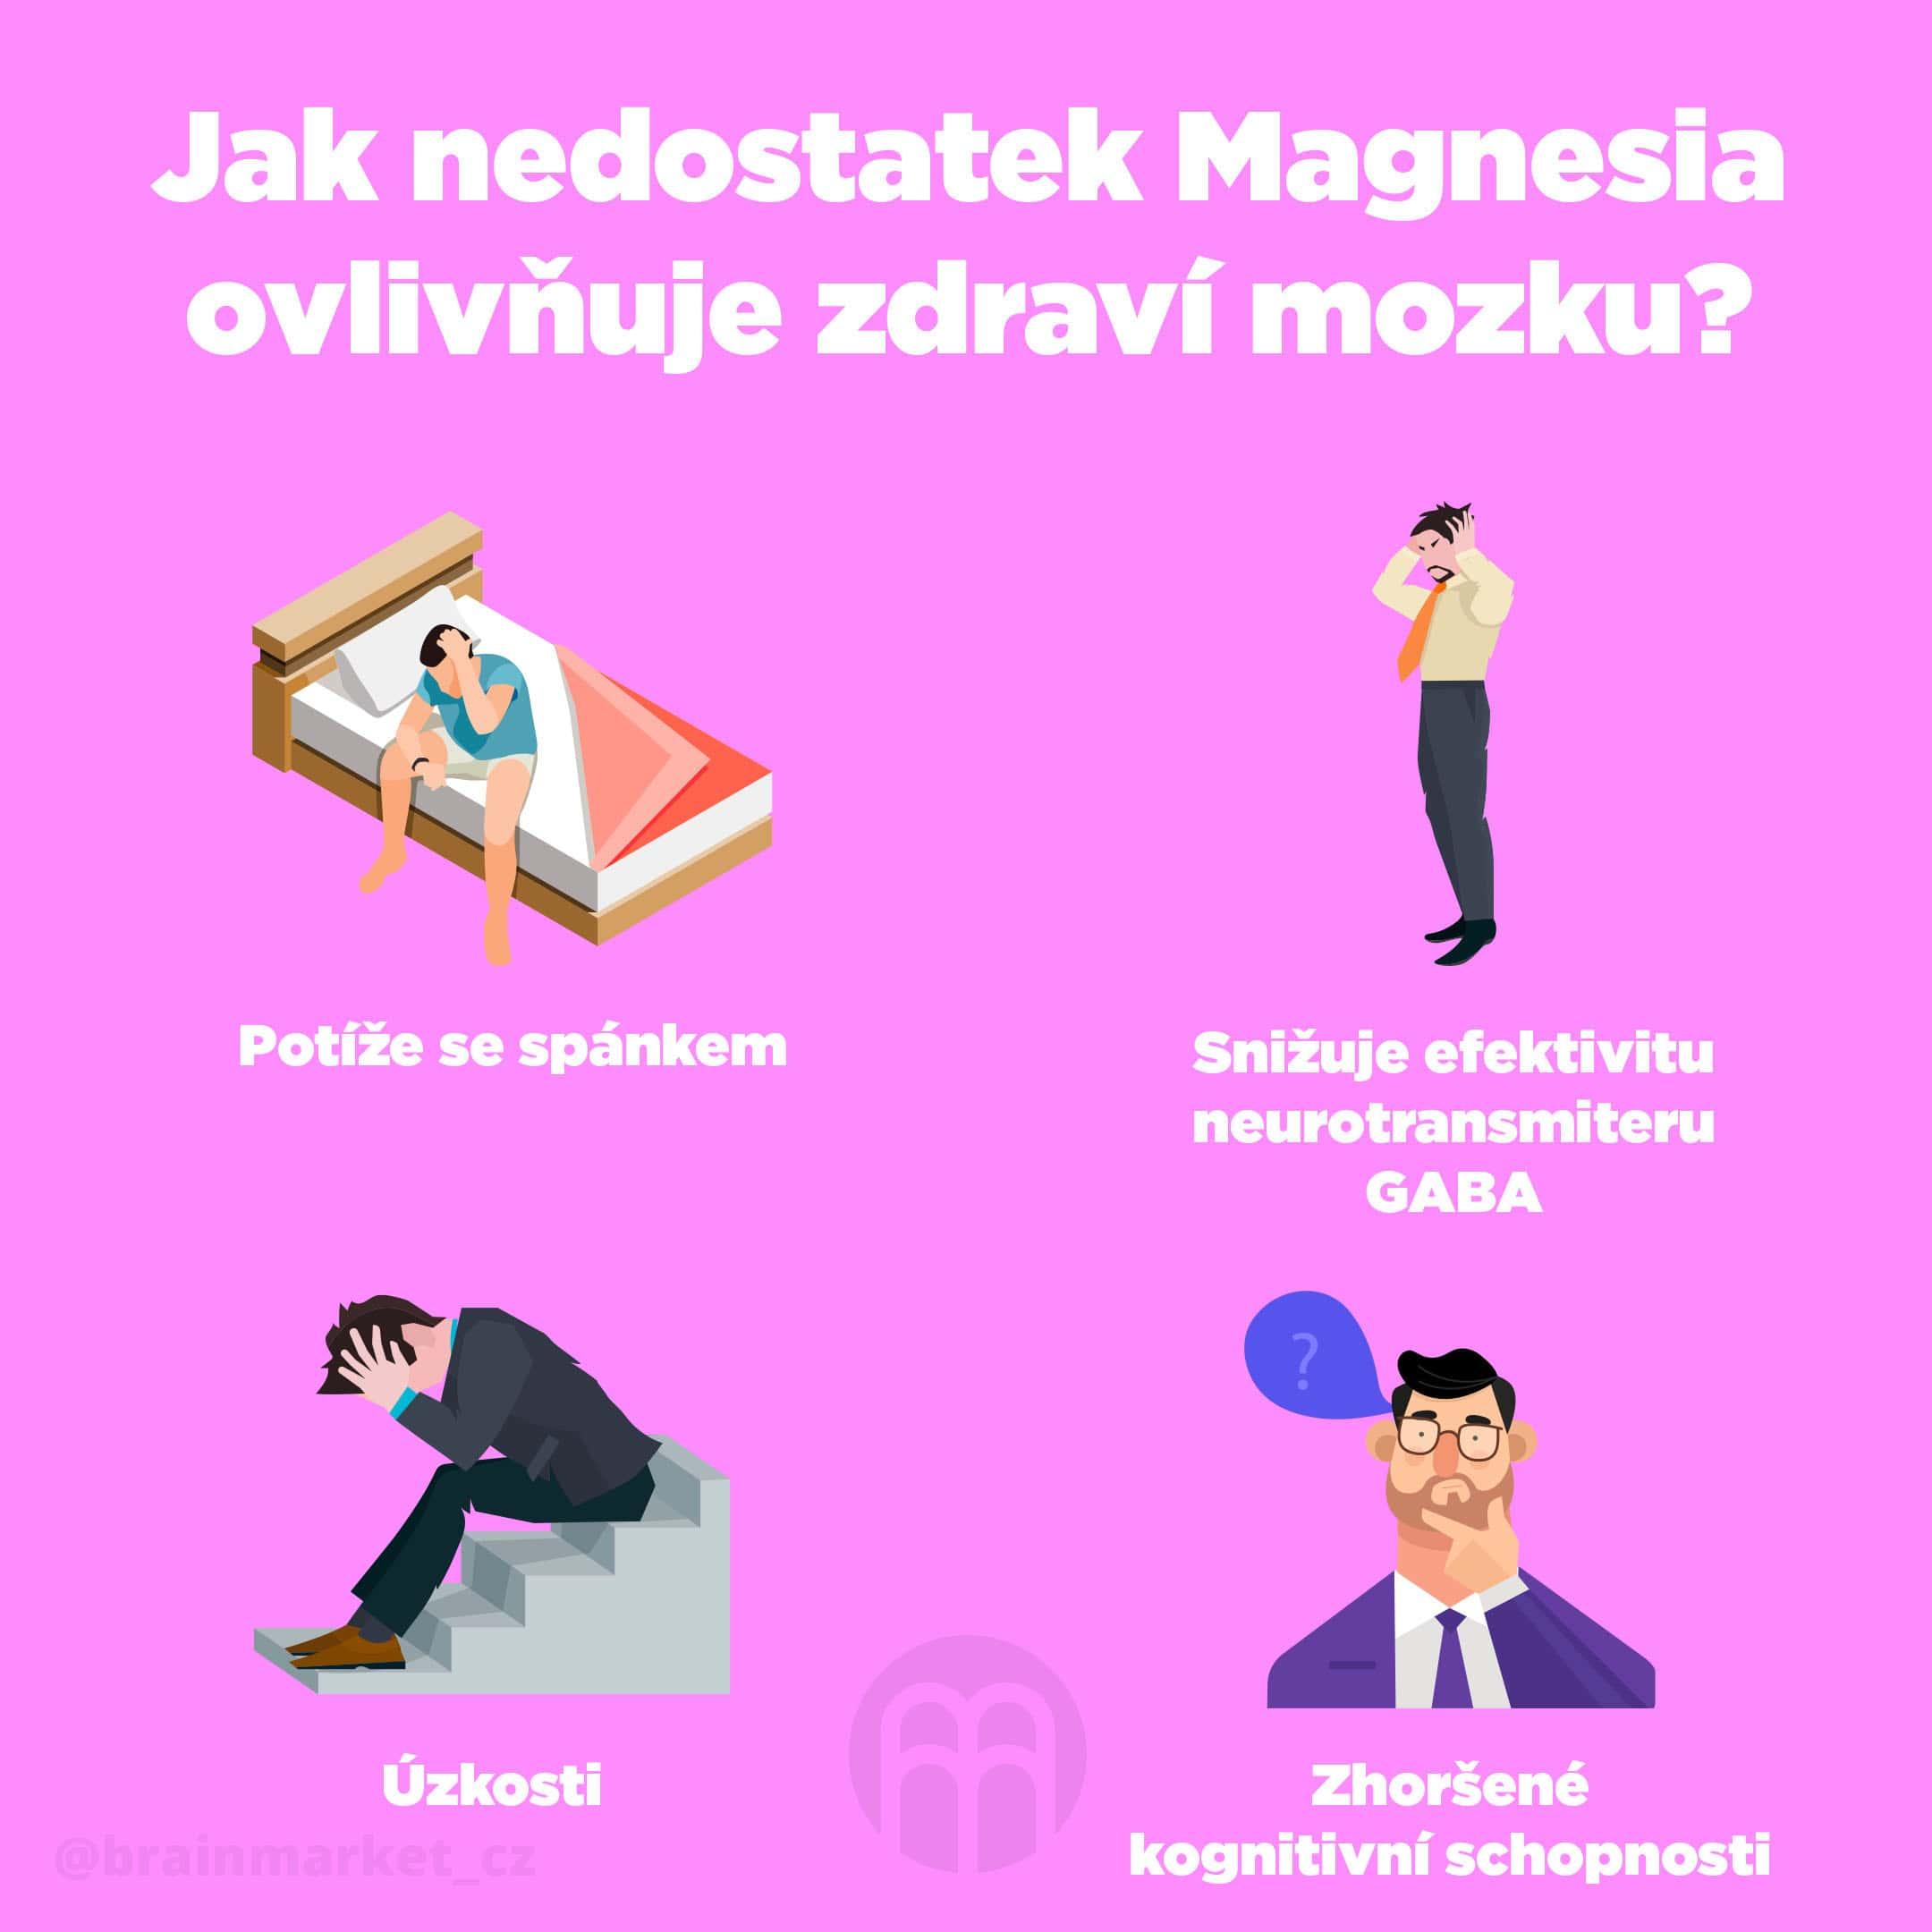 jak_nedostatek_magnezia_ovlivnuje_zdravi_mozku-min